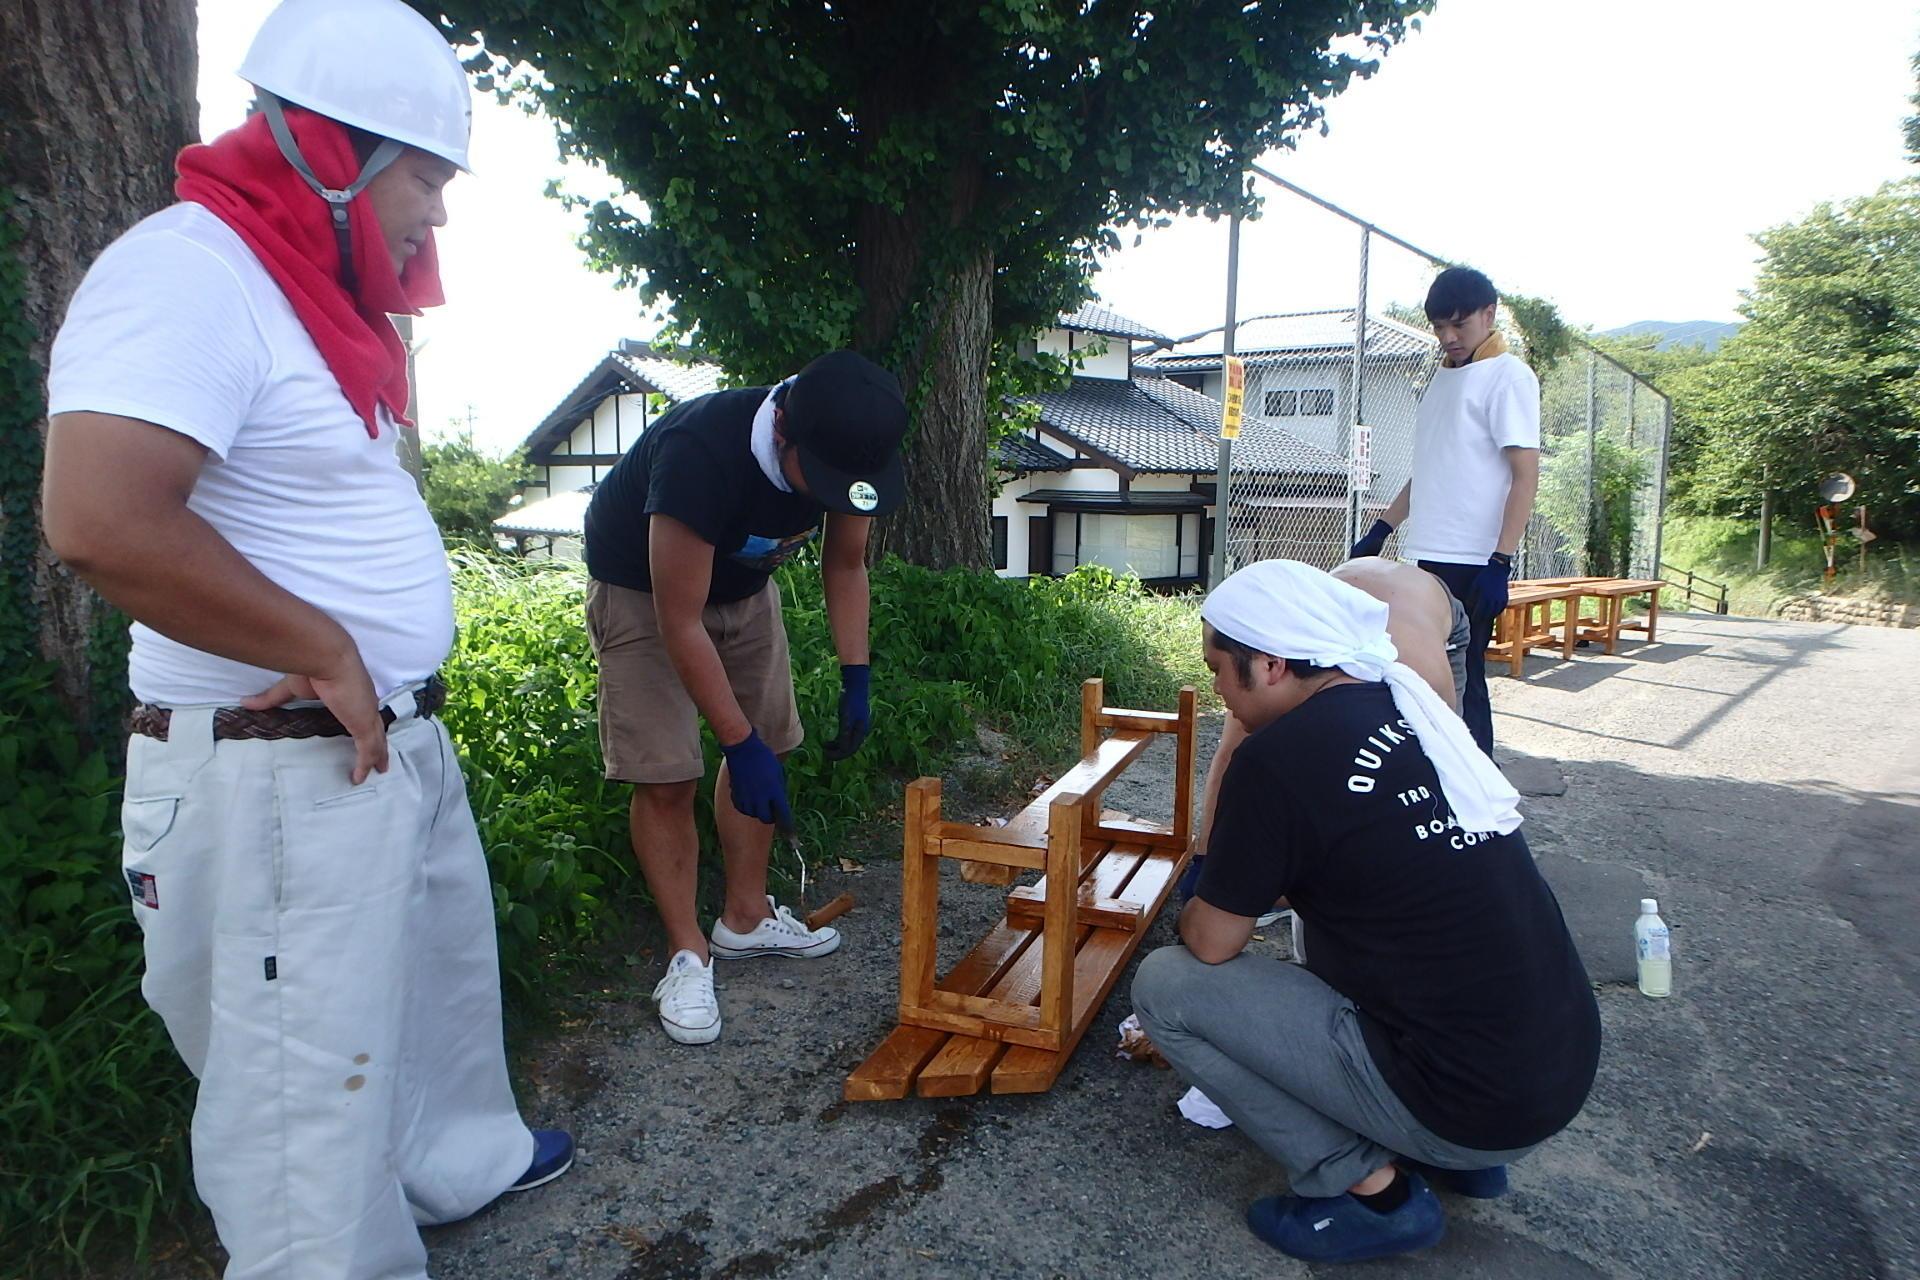 http://news.yoshimoto.co.jp/20180809124215-c3cfd7b1c1ad0a4bb81b3e93bae96c3ca787a3a4.jpg